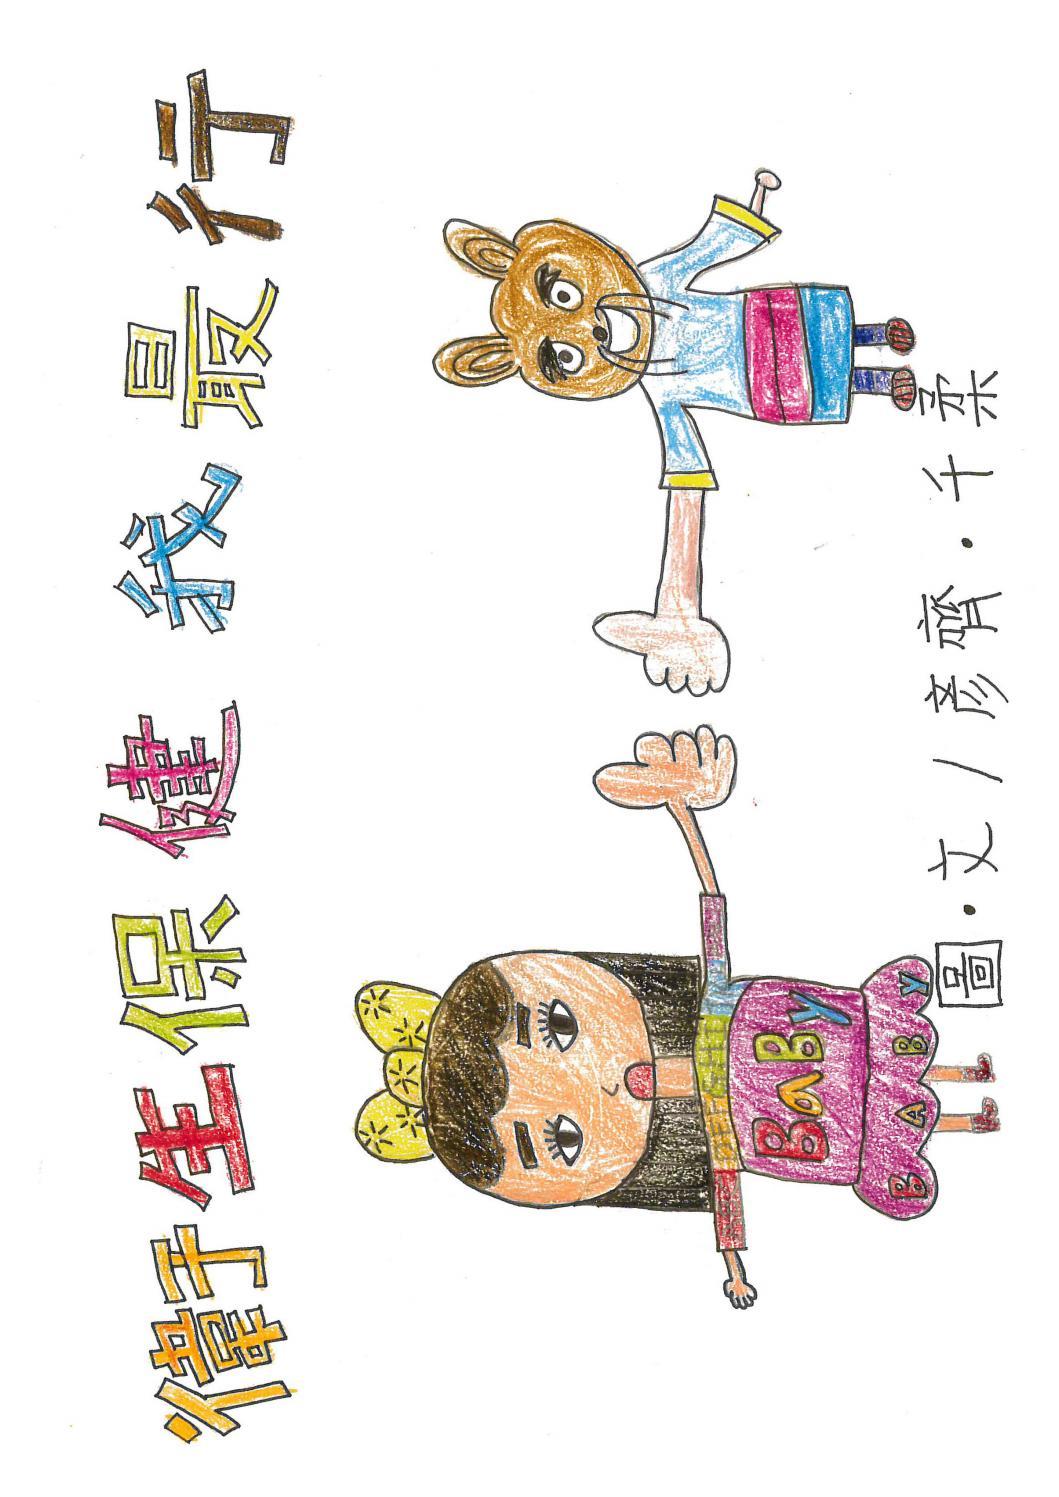 106繪本團體組第一名:臺東縣新園國小-衛生保健我最行 by 財團法人歐巴尼紀念基金會 - Issuu